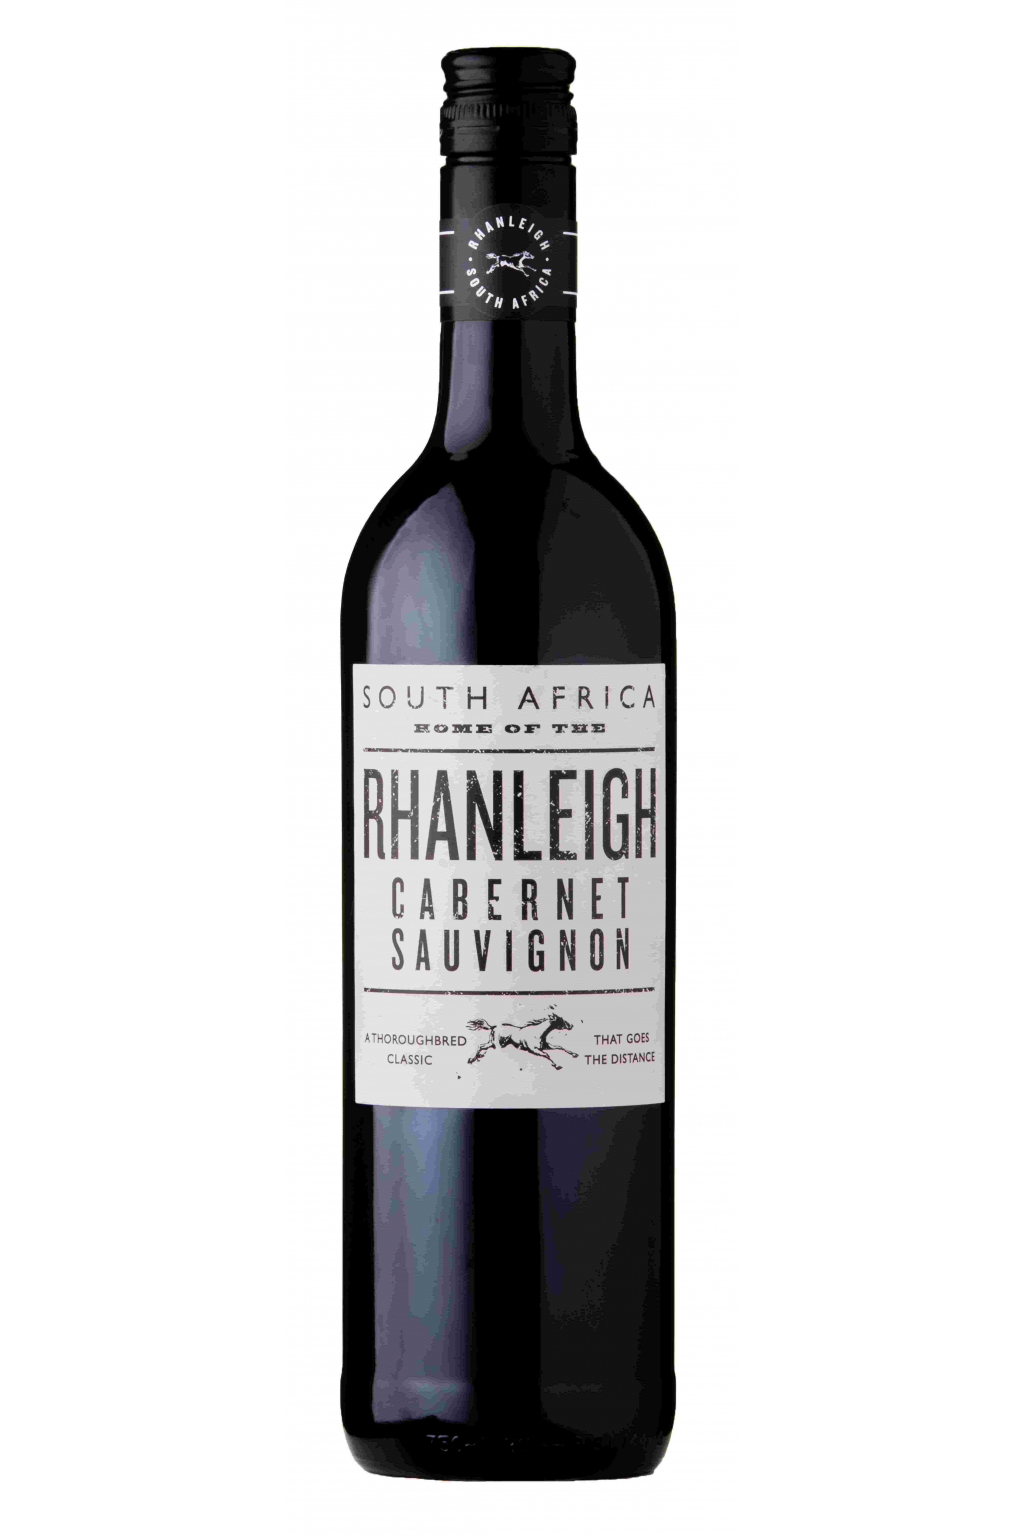 Rhanleigh Cabernet Sauvignon web3